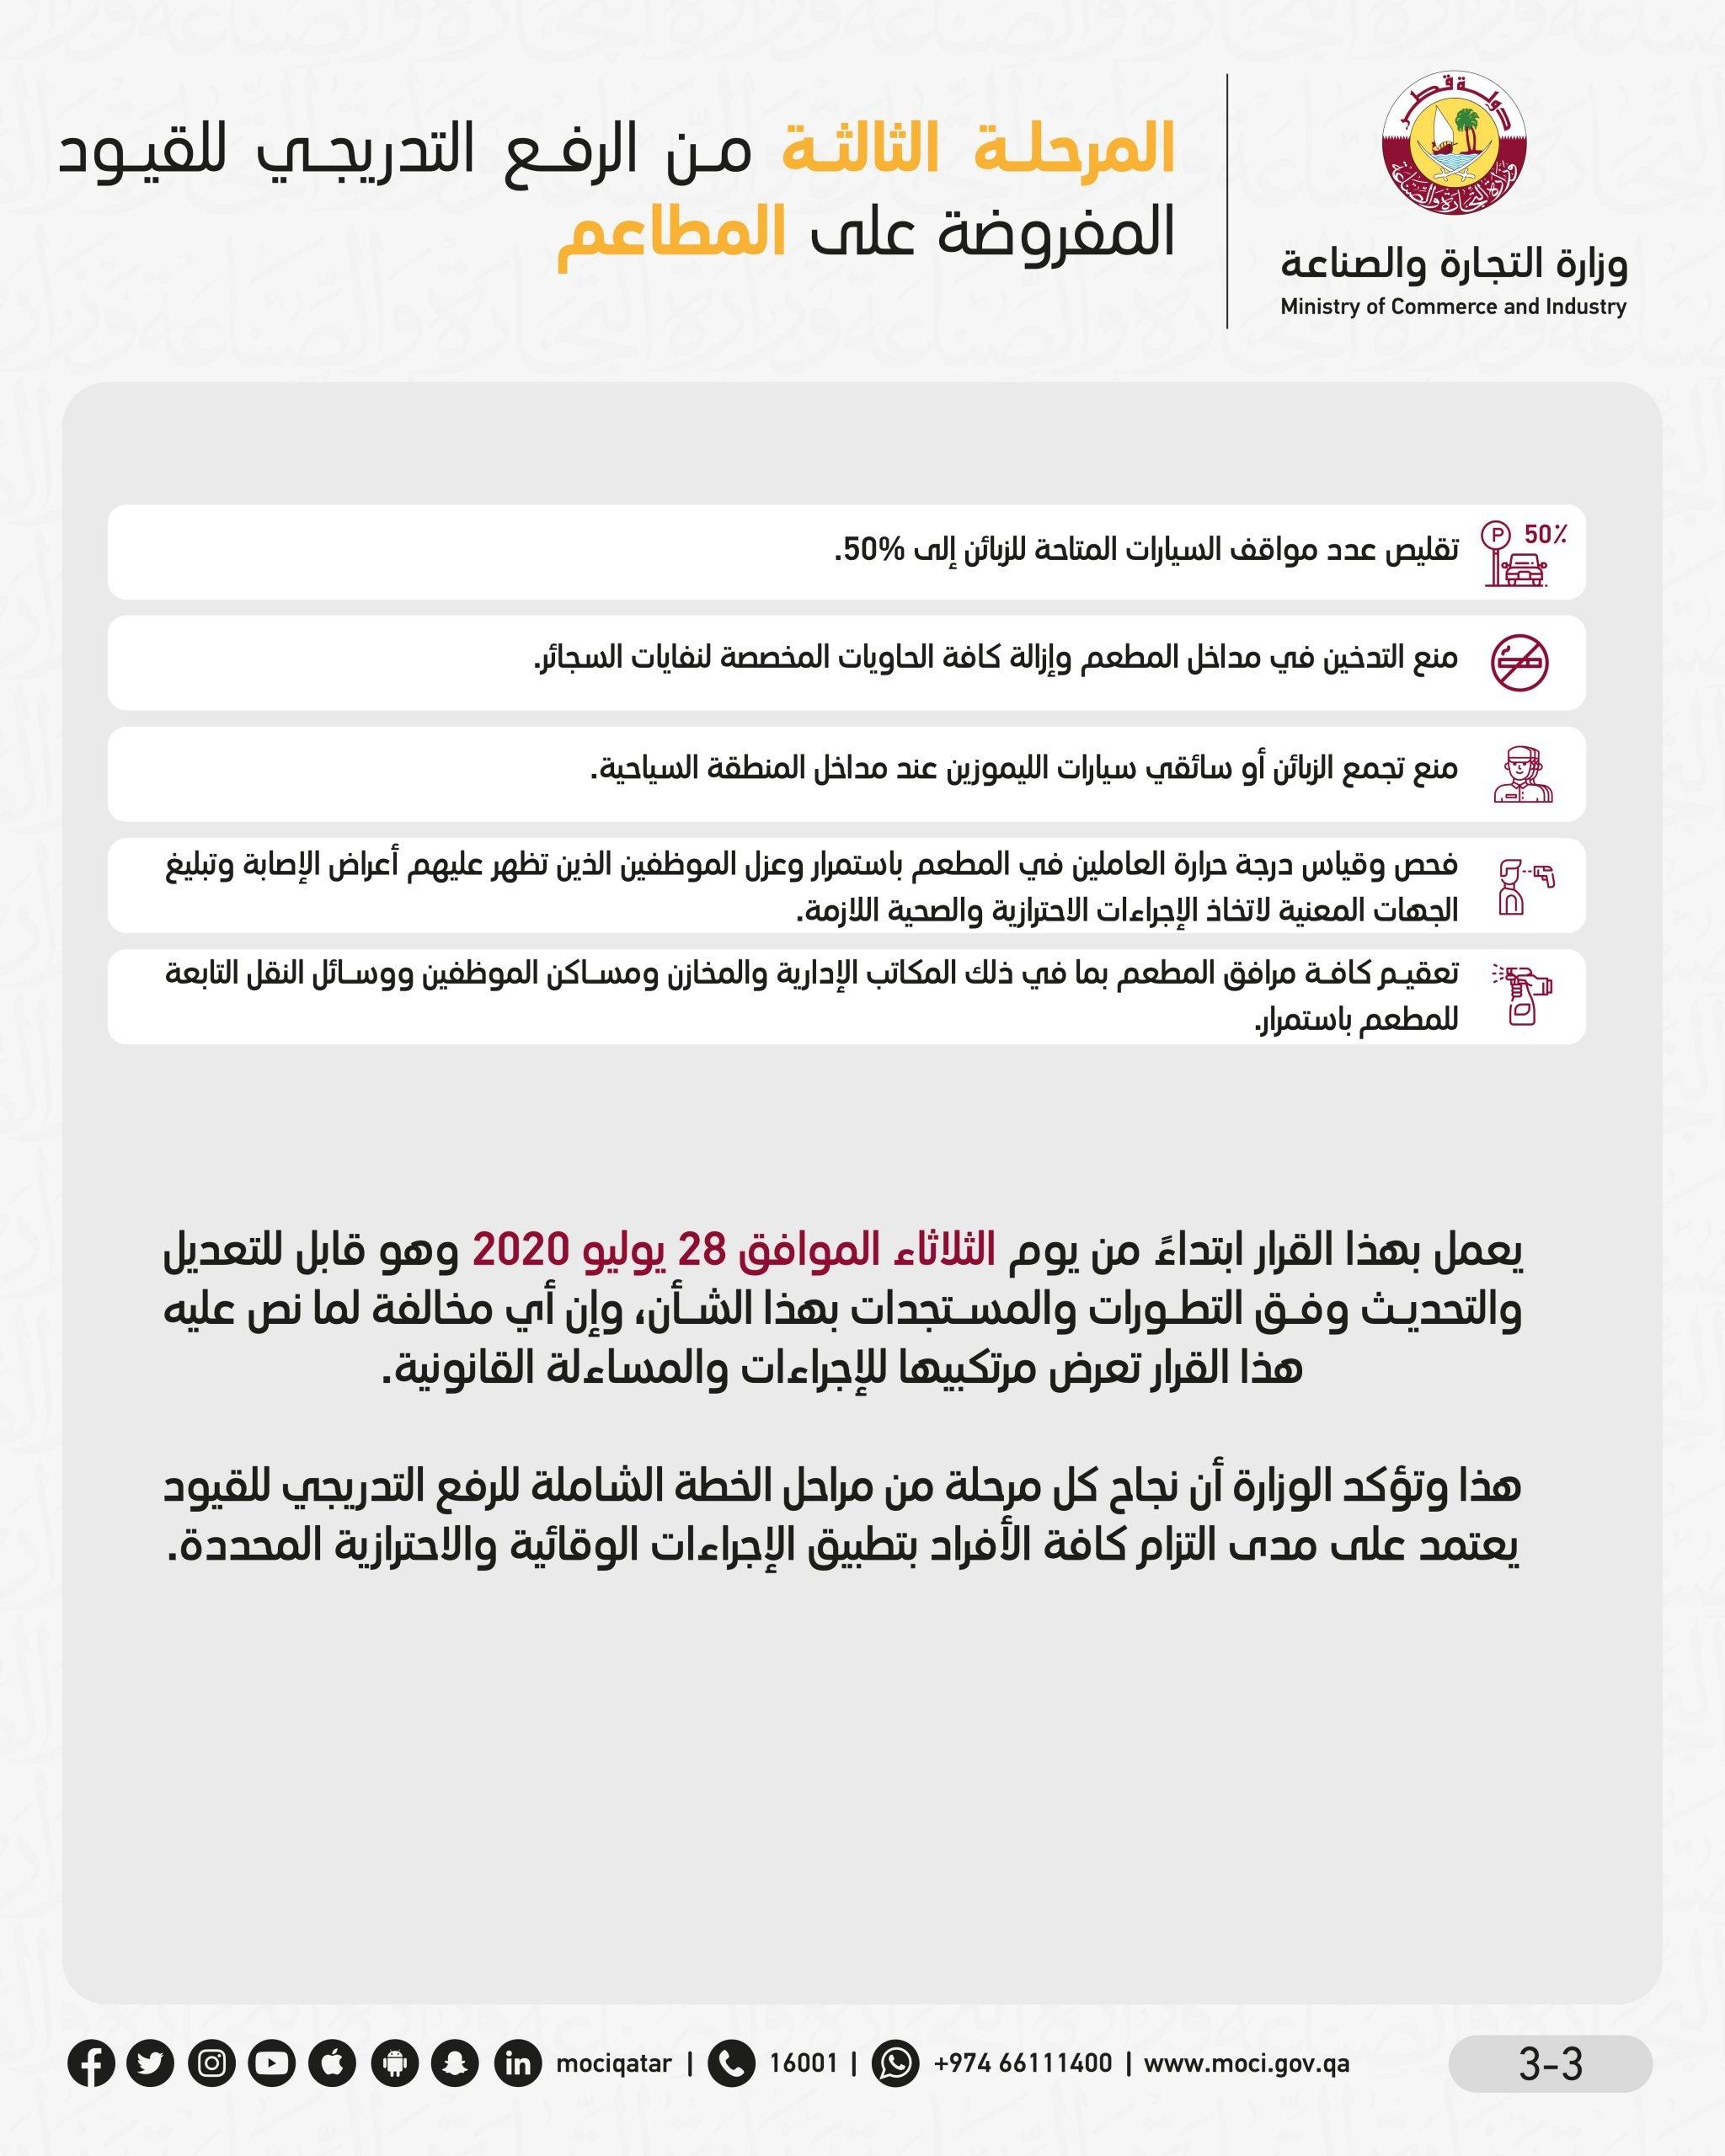 ضوابط استئناف العمل بالصالونات والصالات الرياضية جريدة الراية